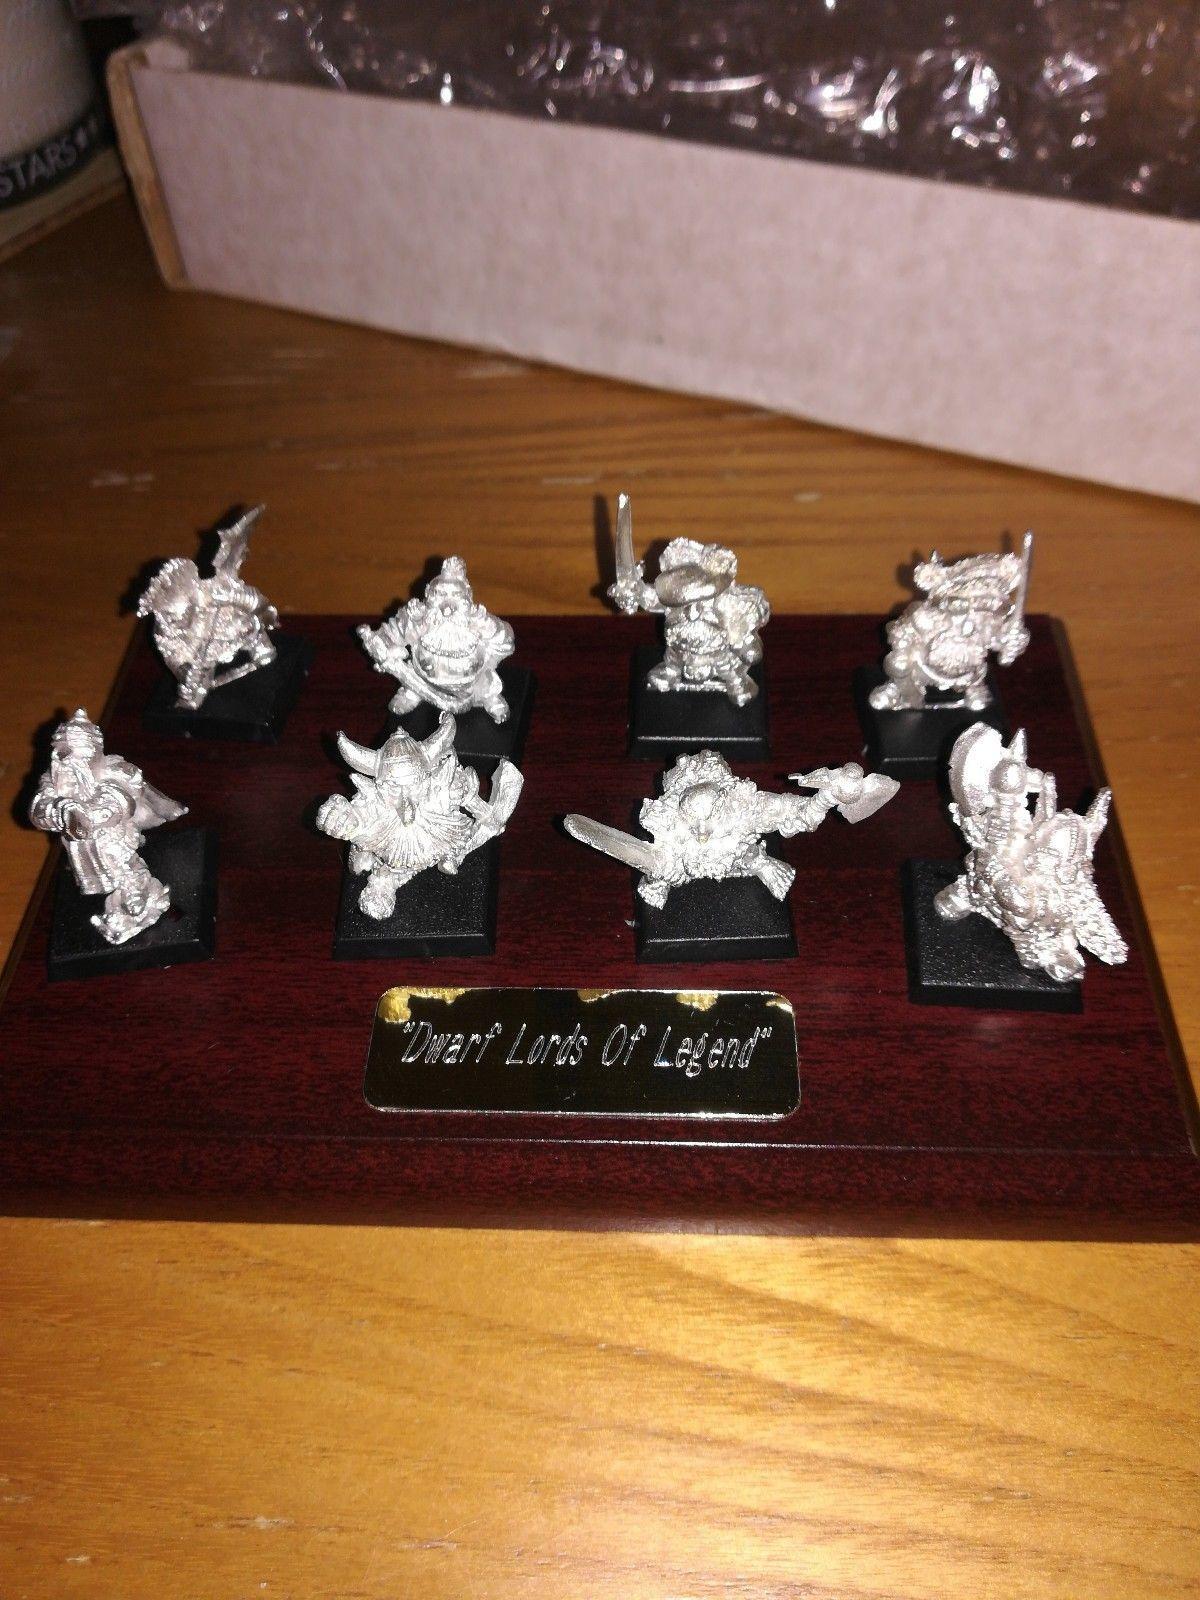 Warhammer Skullz Dwarf Lords of Legend Dwarves with Plaque Metal Figures Fantasy